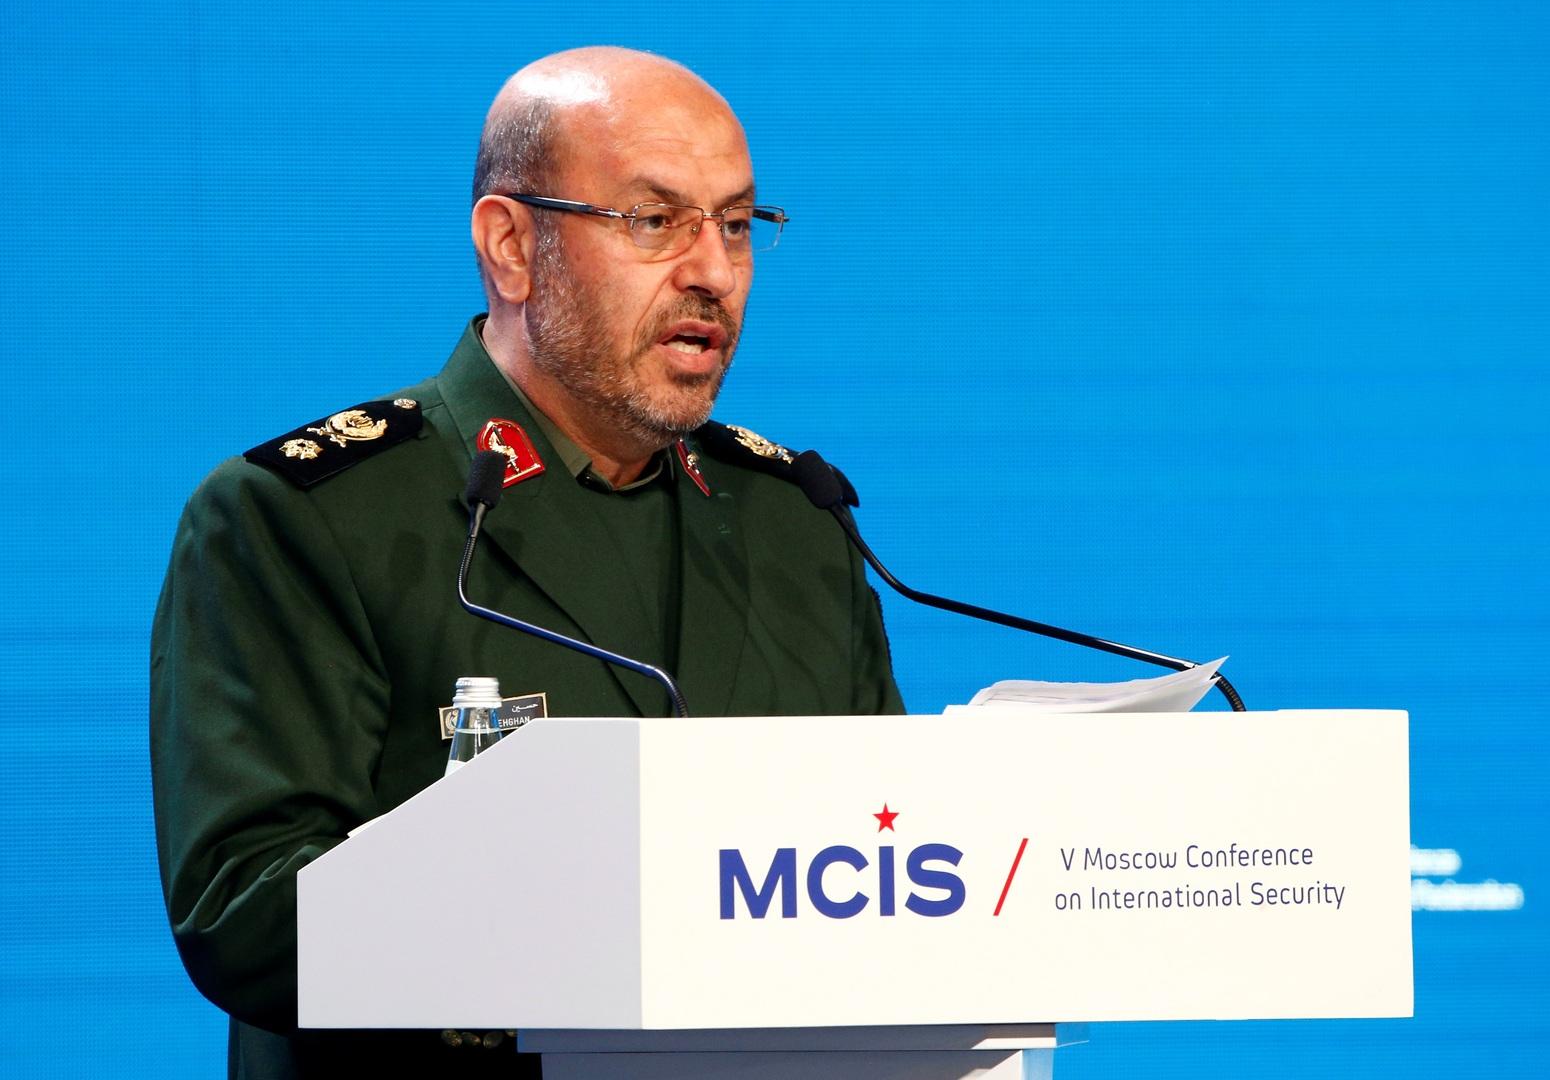 اللواء حسين دهقان مستشار المرشد الإيراني علي خامنئي للشؤون الدفاعية